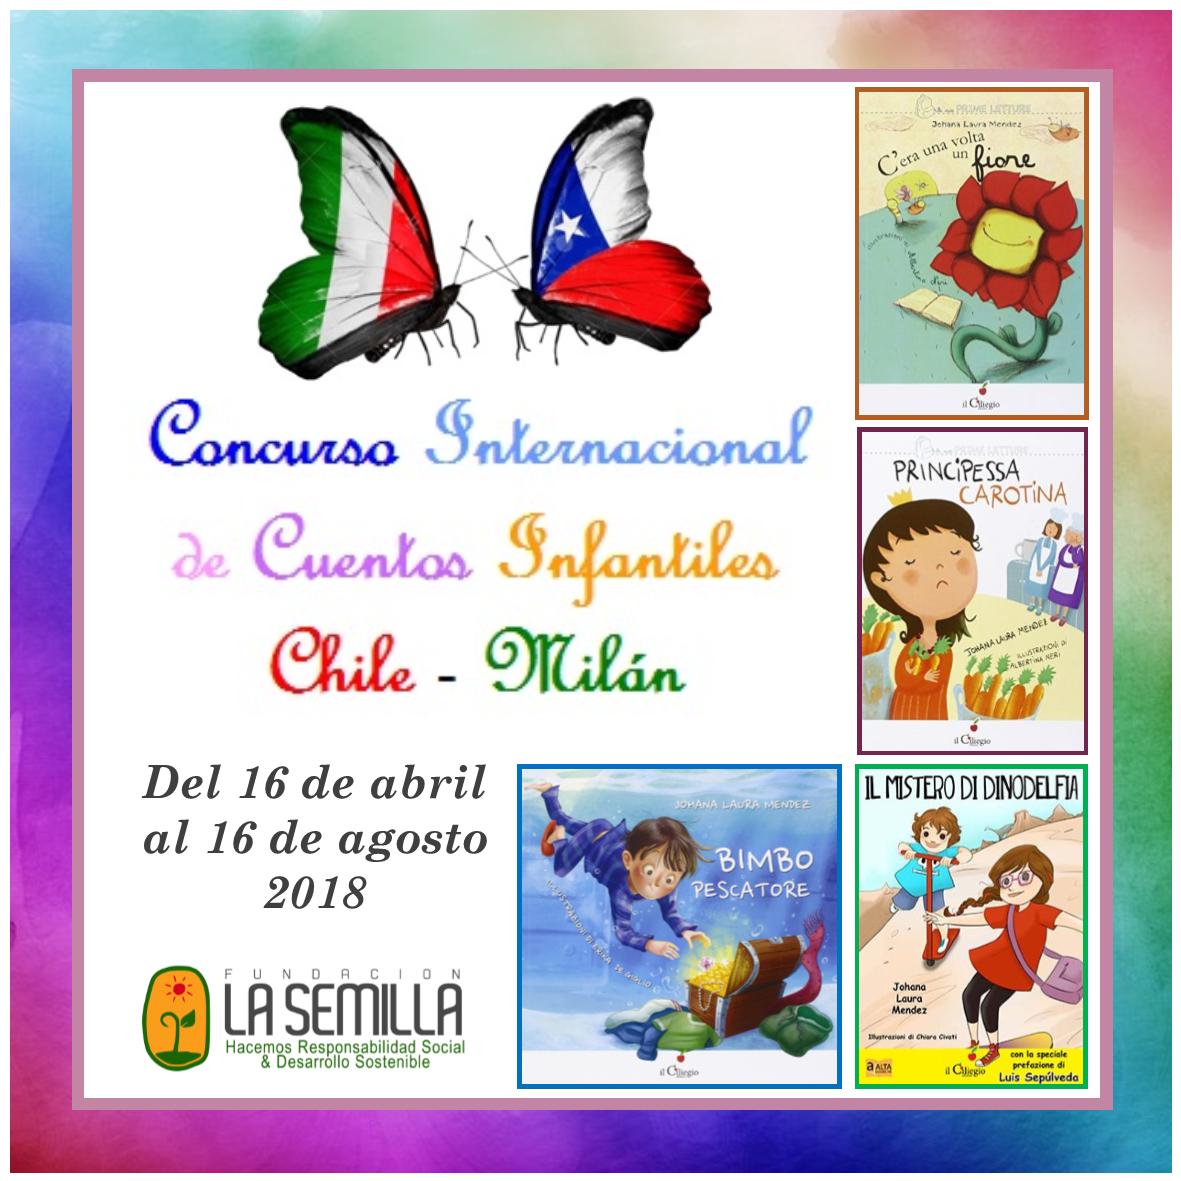 Concurso Internacional de Cuentos Infantiles Chile-Milán 2018